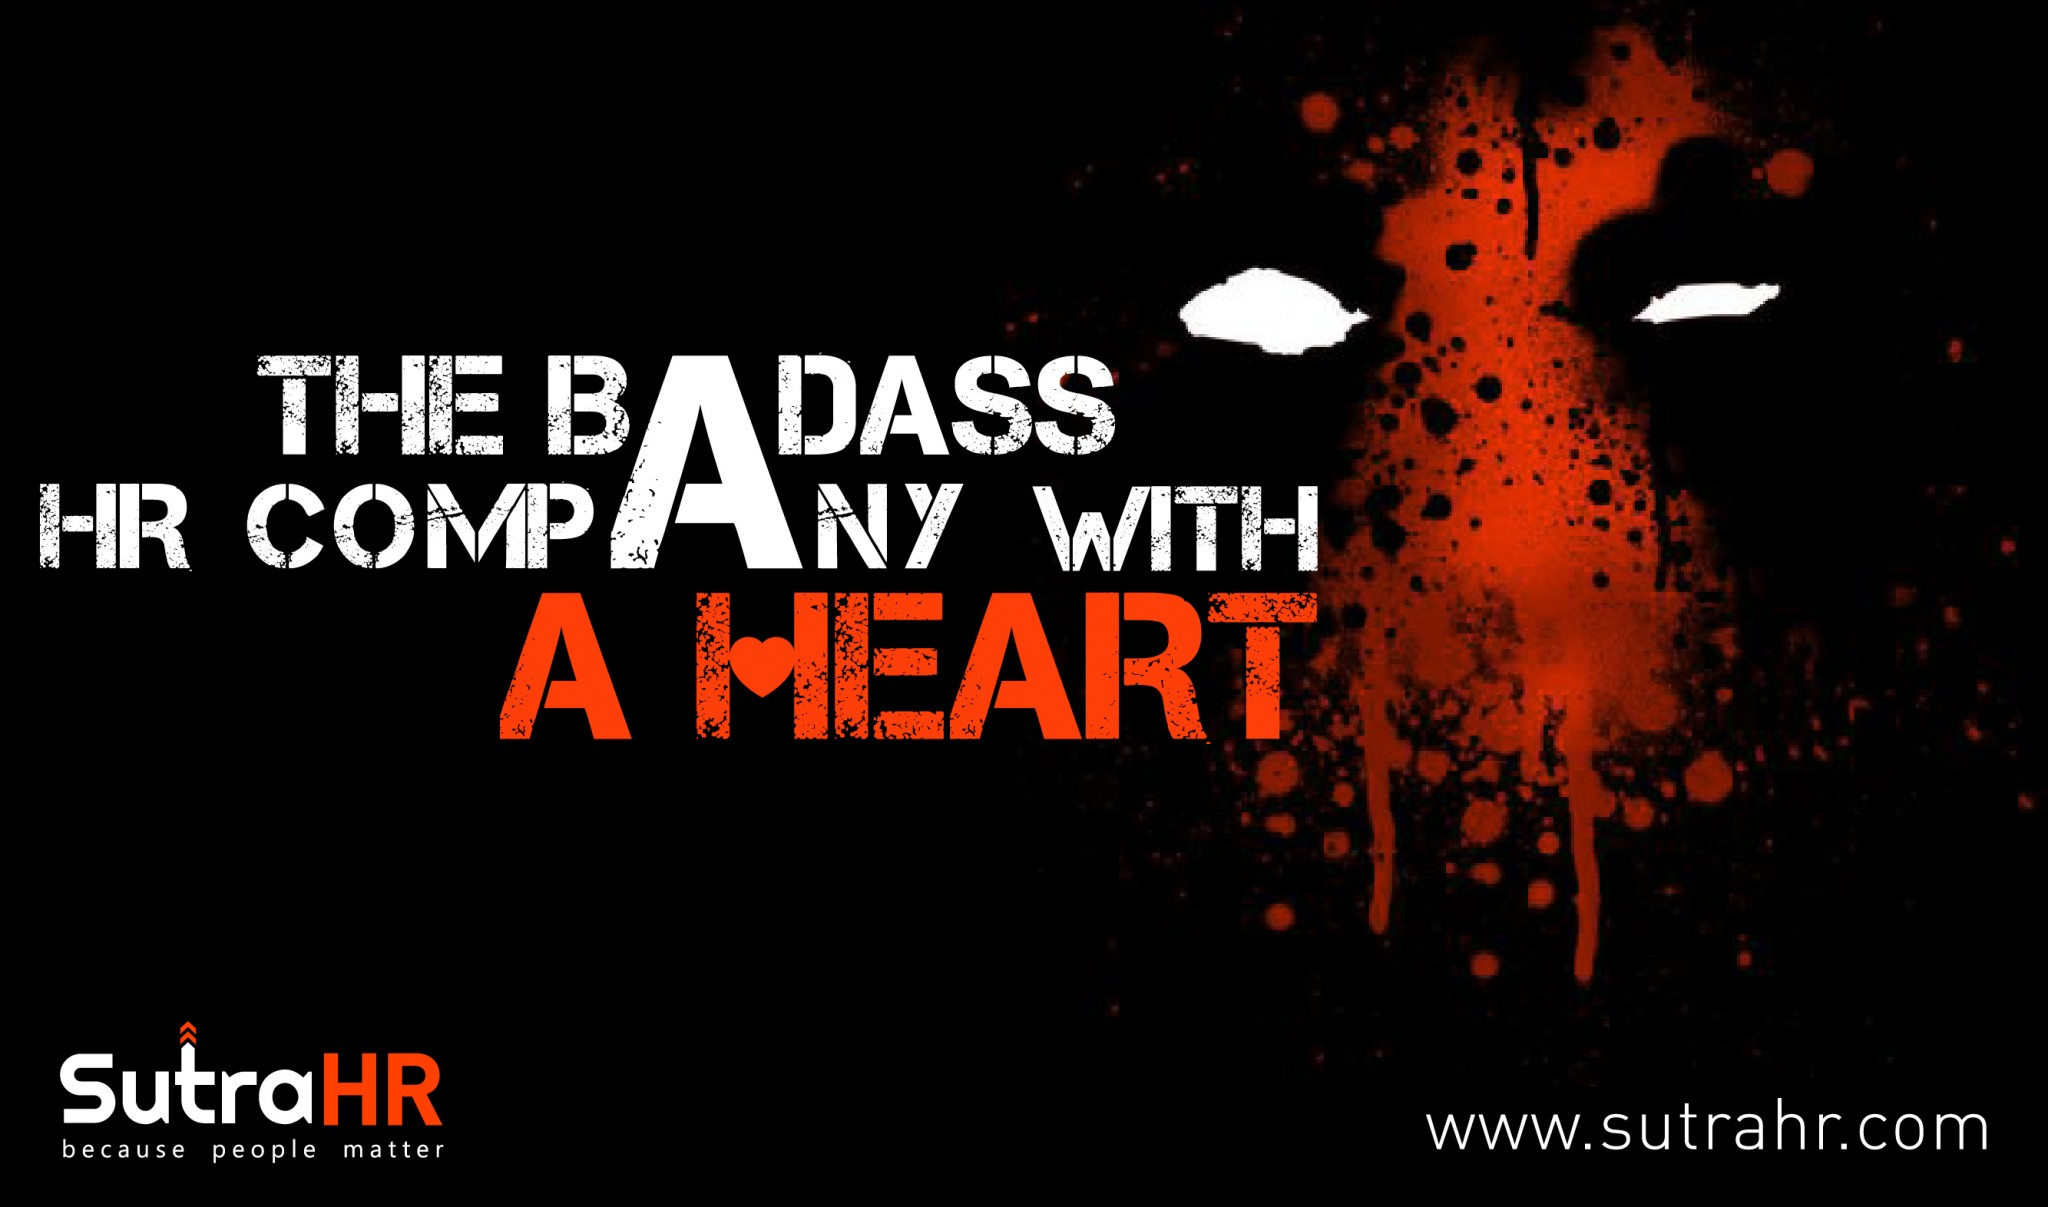 SutraHR Badass HR company